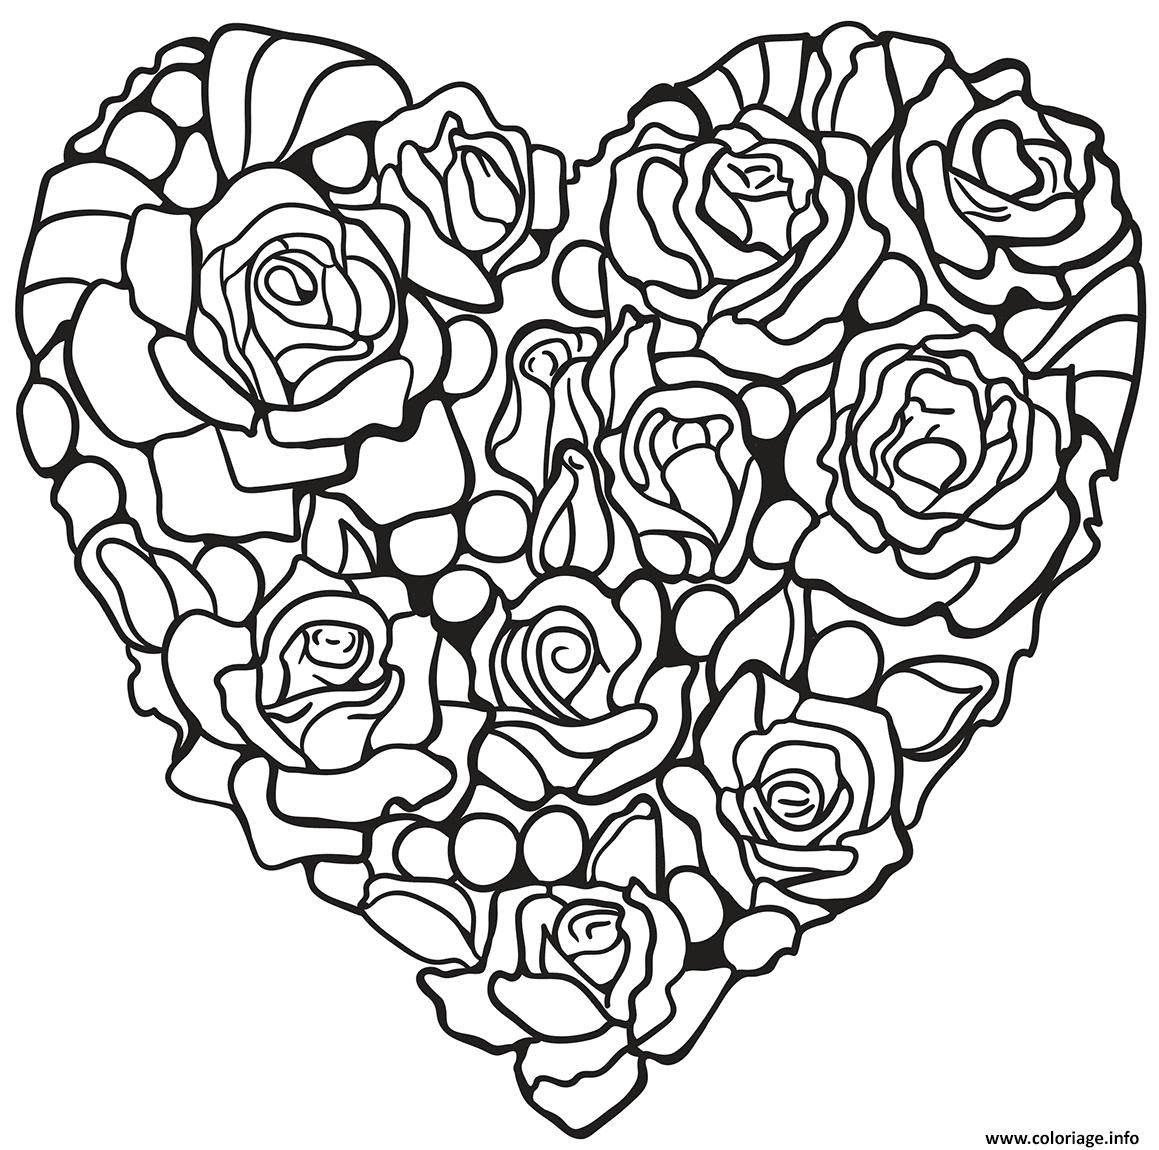 Coloriage Roses En Forme De Coeur Jecolorie Com